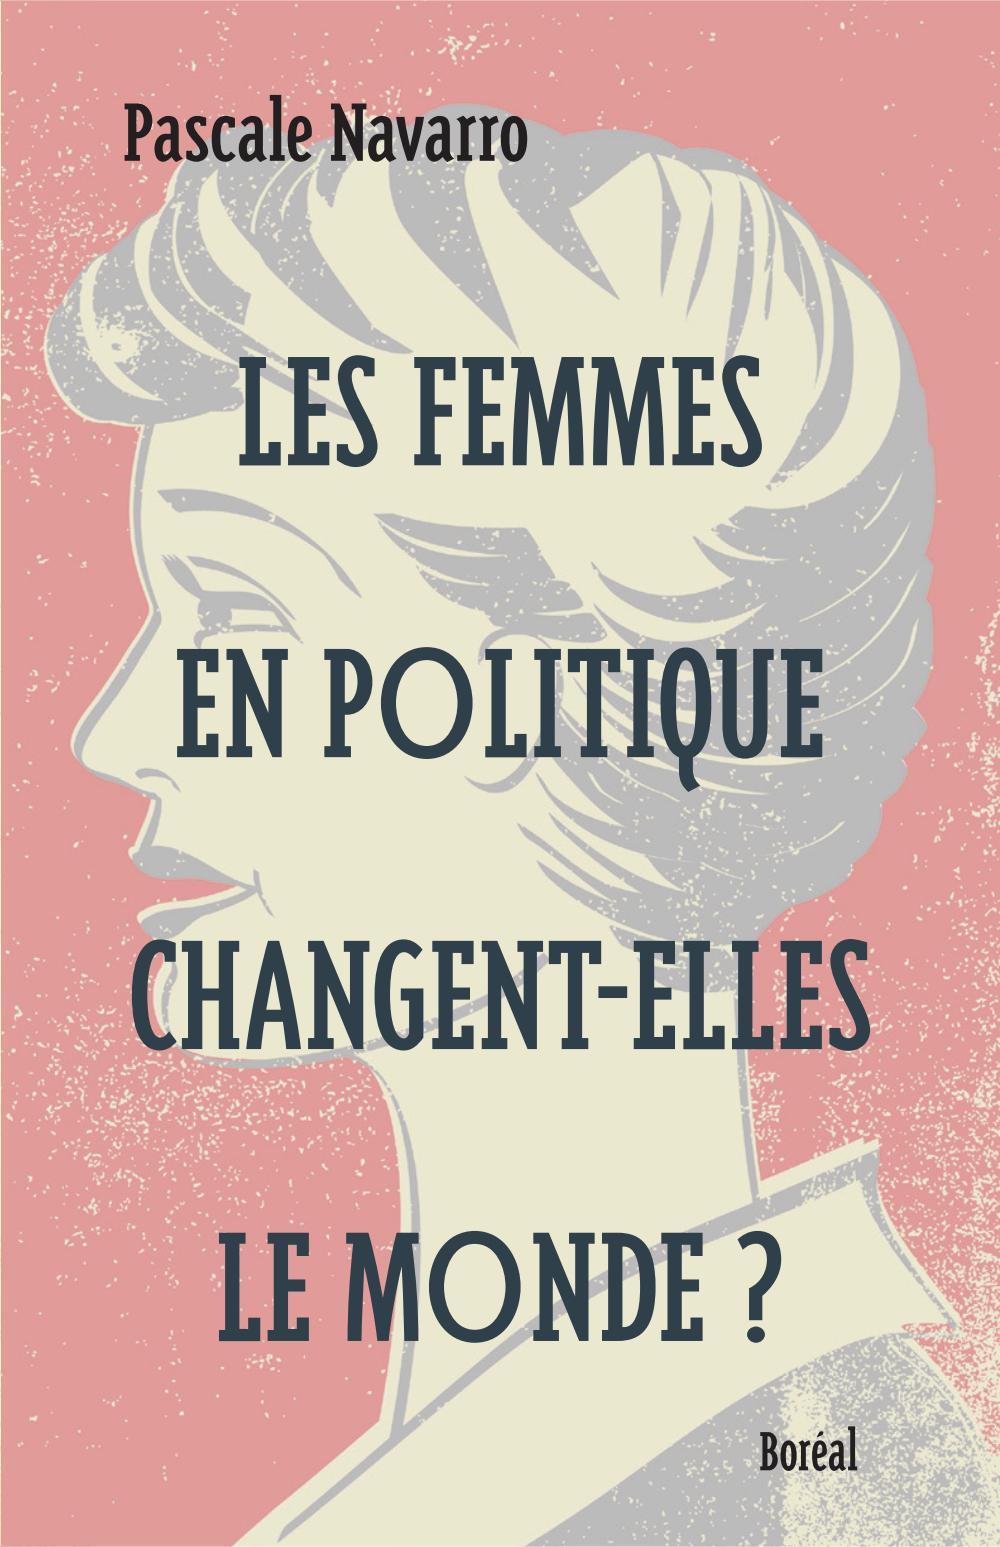 Les femmes en politique changent-elles le monde ?